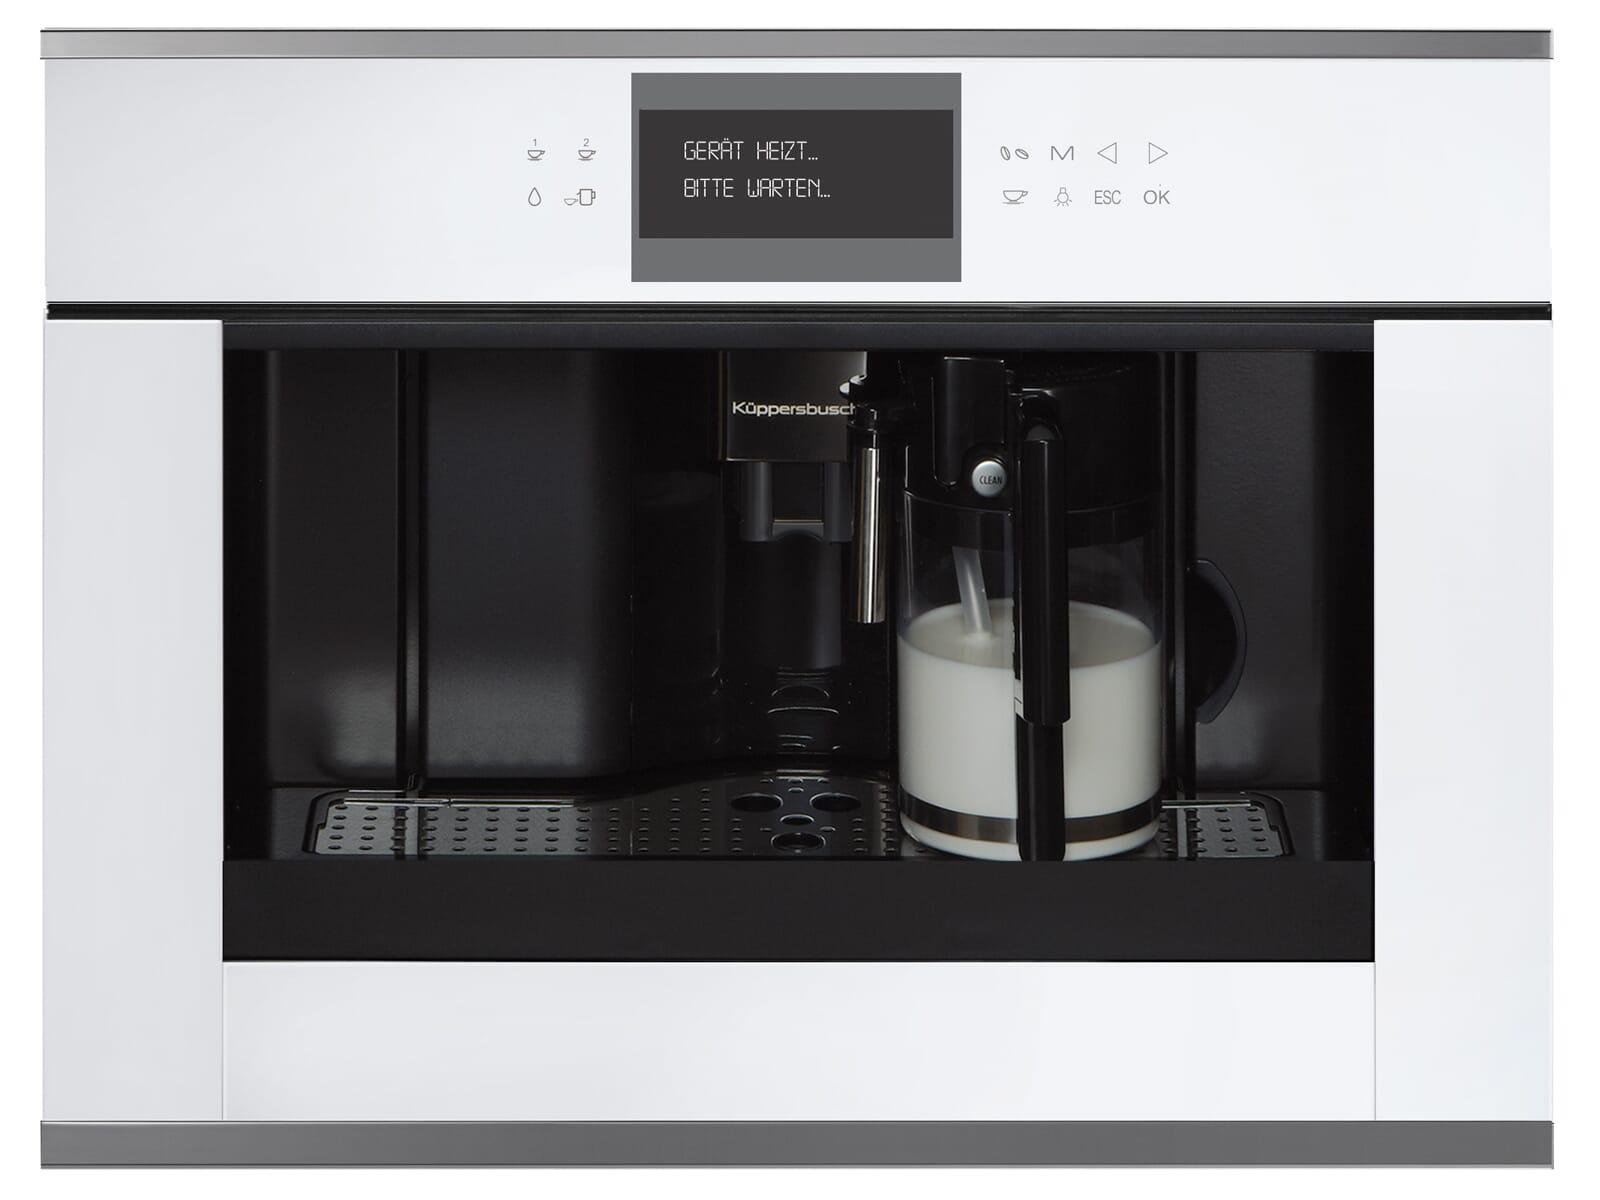 Küppersbusch CKV 6550.0 W3 K-Series. 5 Einbau-Espresso-/Kaffeevollautomat Weiß/Silver Chrome